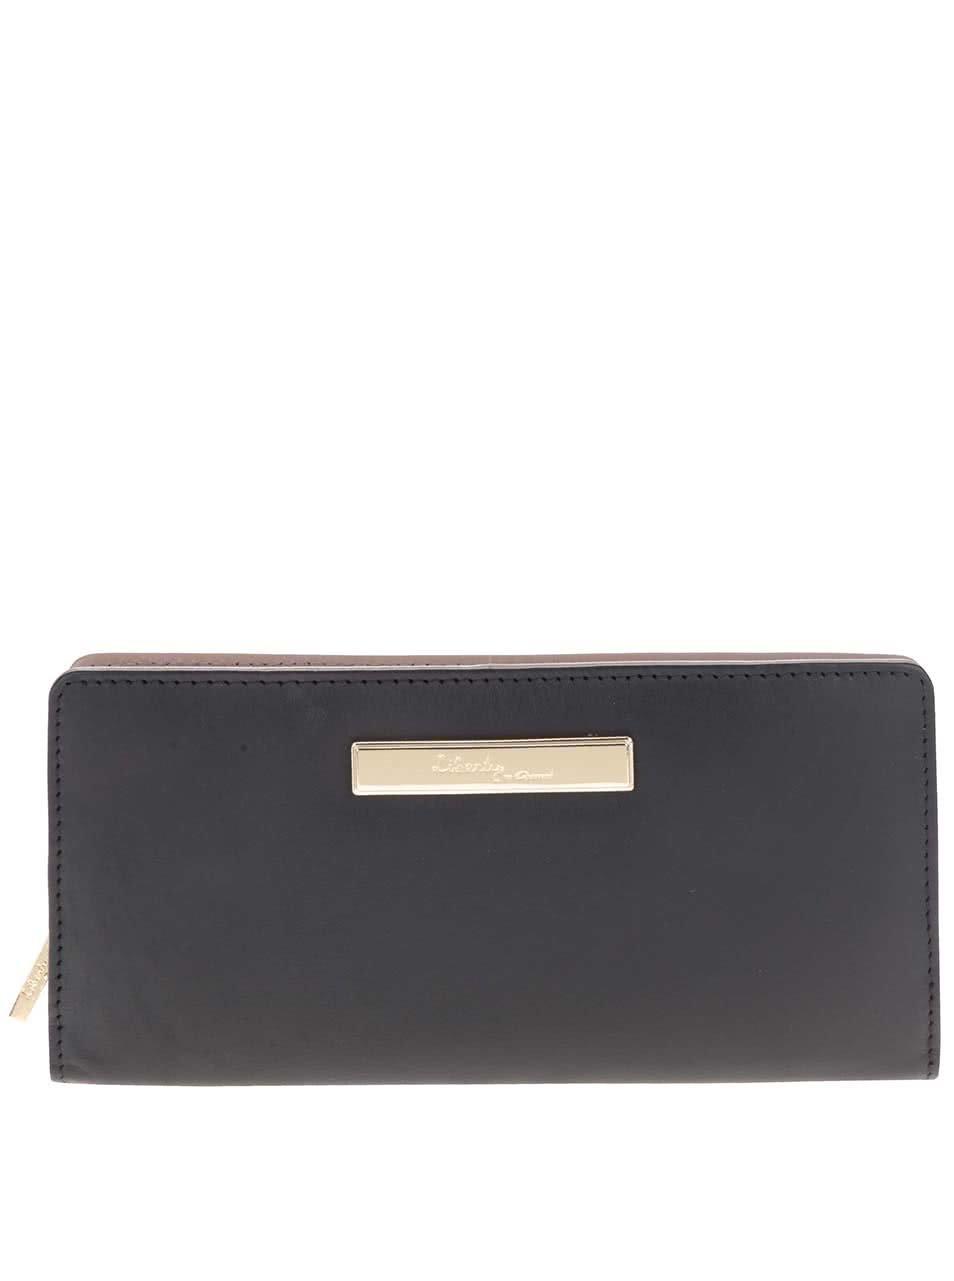 Černá kožená peněženka s detaily ve zlaté barvě Liberty by Gionni Drew